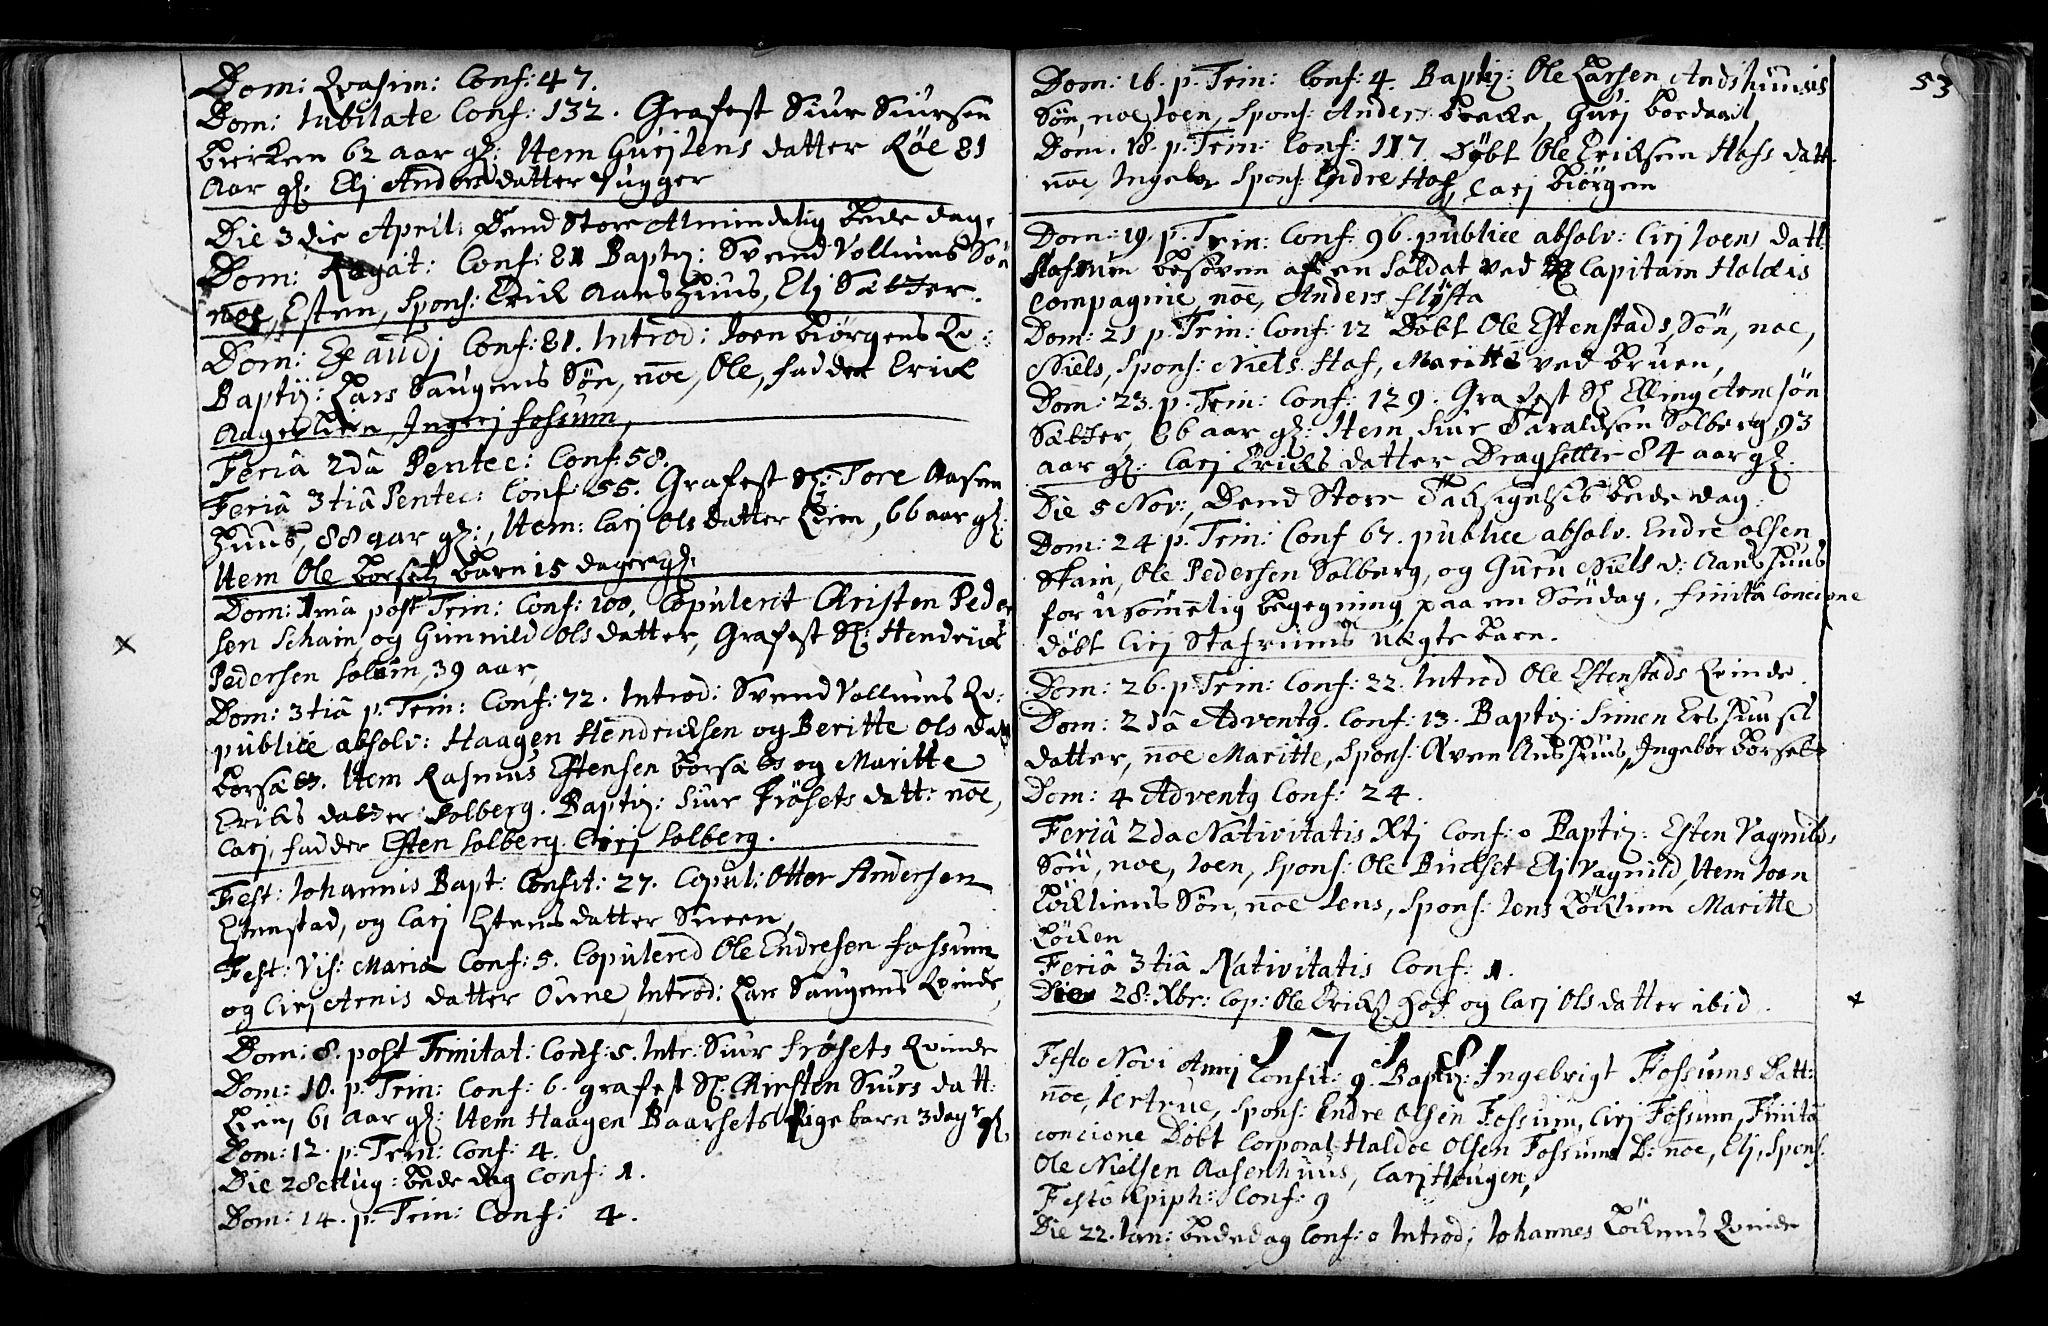 SAT, Ministerialprotokoller, klokkerbøker og fødselsregistre - Sør-Trøndelag, 689/L1036: Ministerialbok nr. 689A01, 1696-1746, s. 53